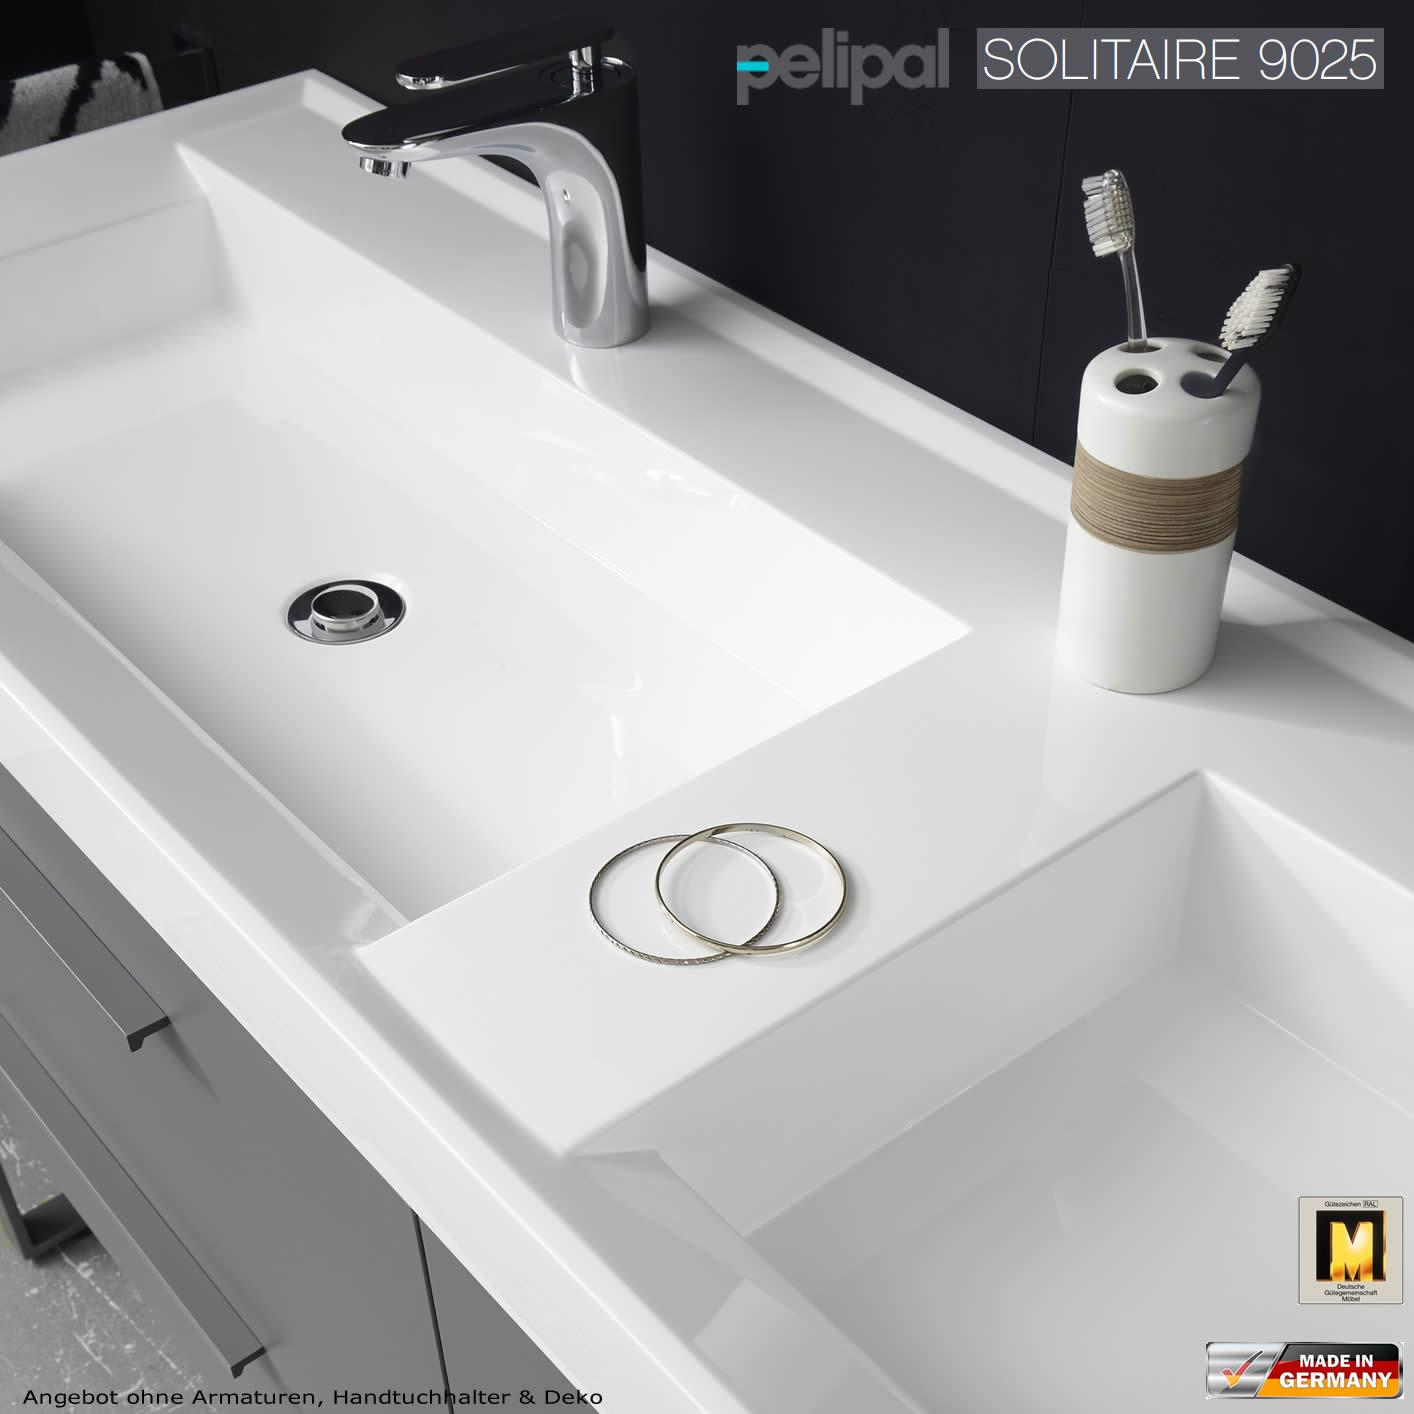 Pelipal solitaire 9025 waschtisch set 160 cm breite for Doppelwaschbecken 160 cm